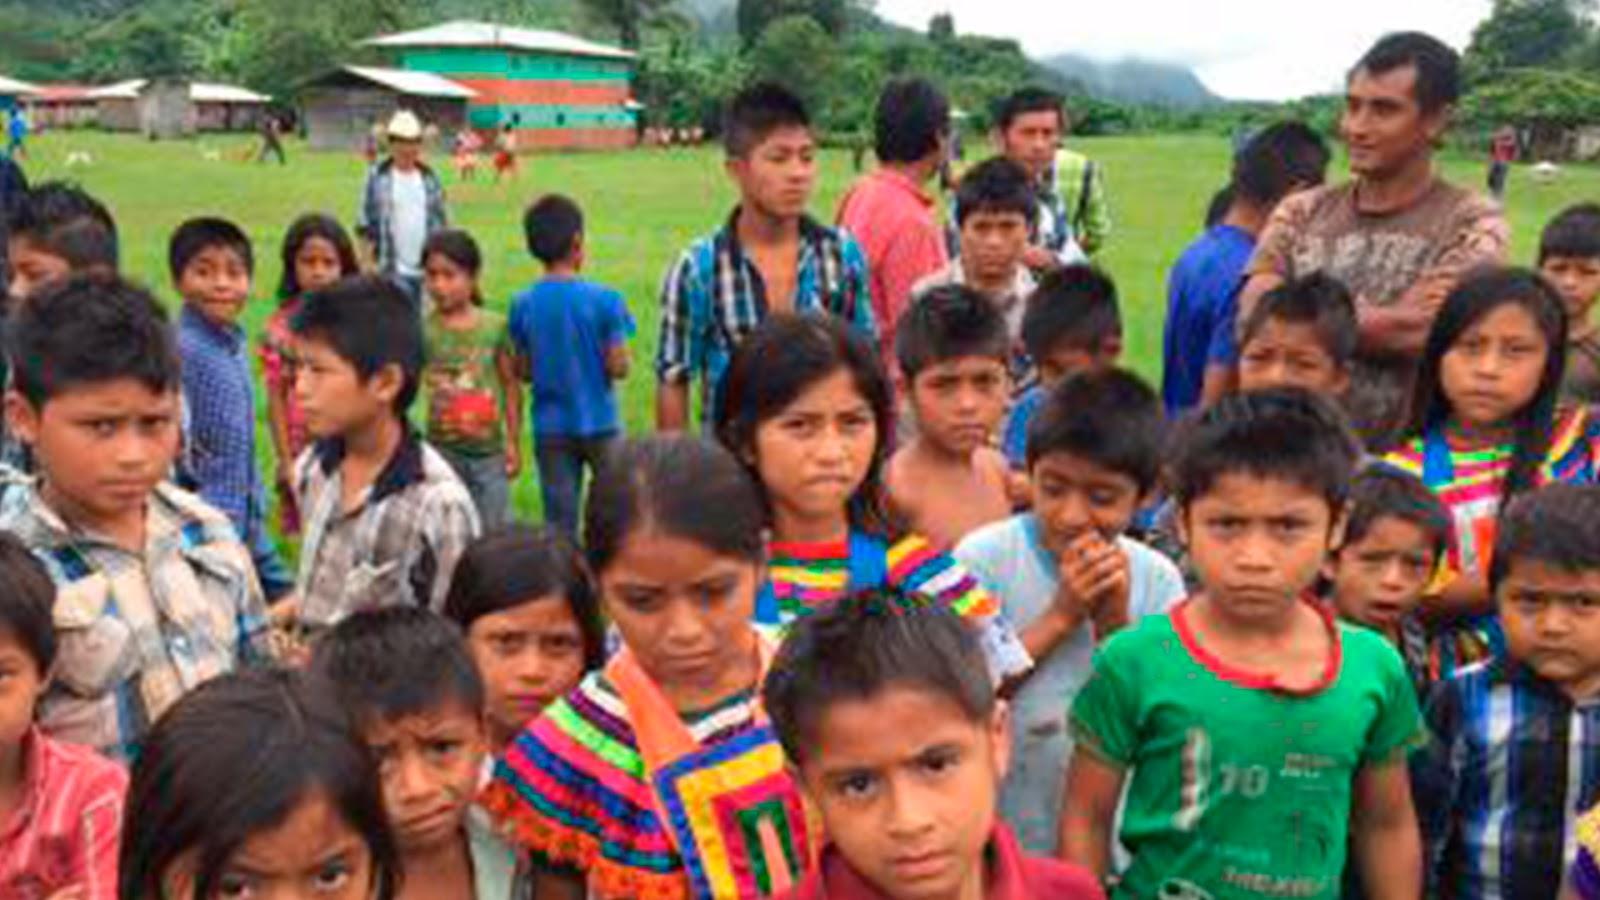 El frío y el hambre ya causo muertes de niños en chiapas mientras Velasco hace fiesta para Meade